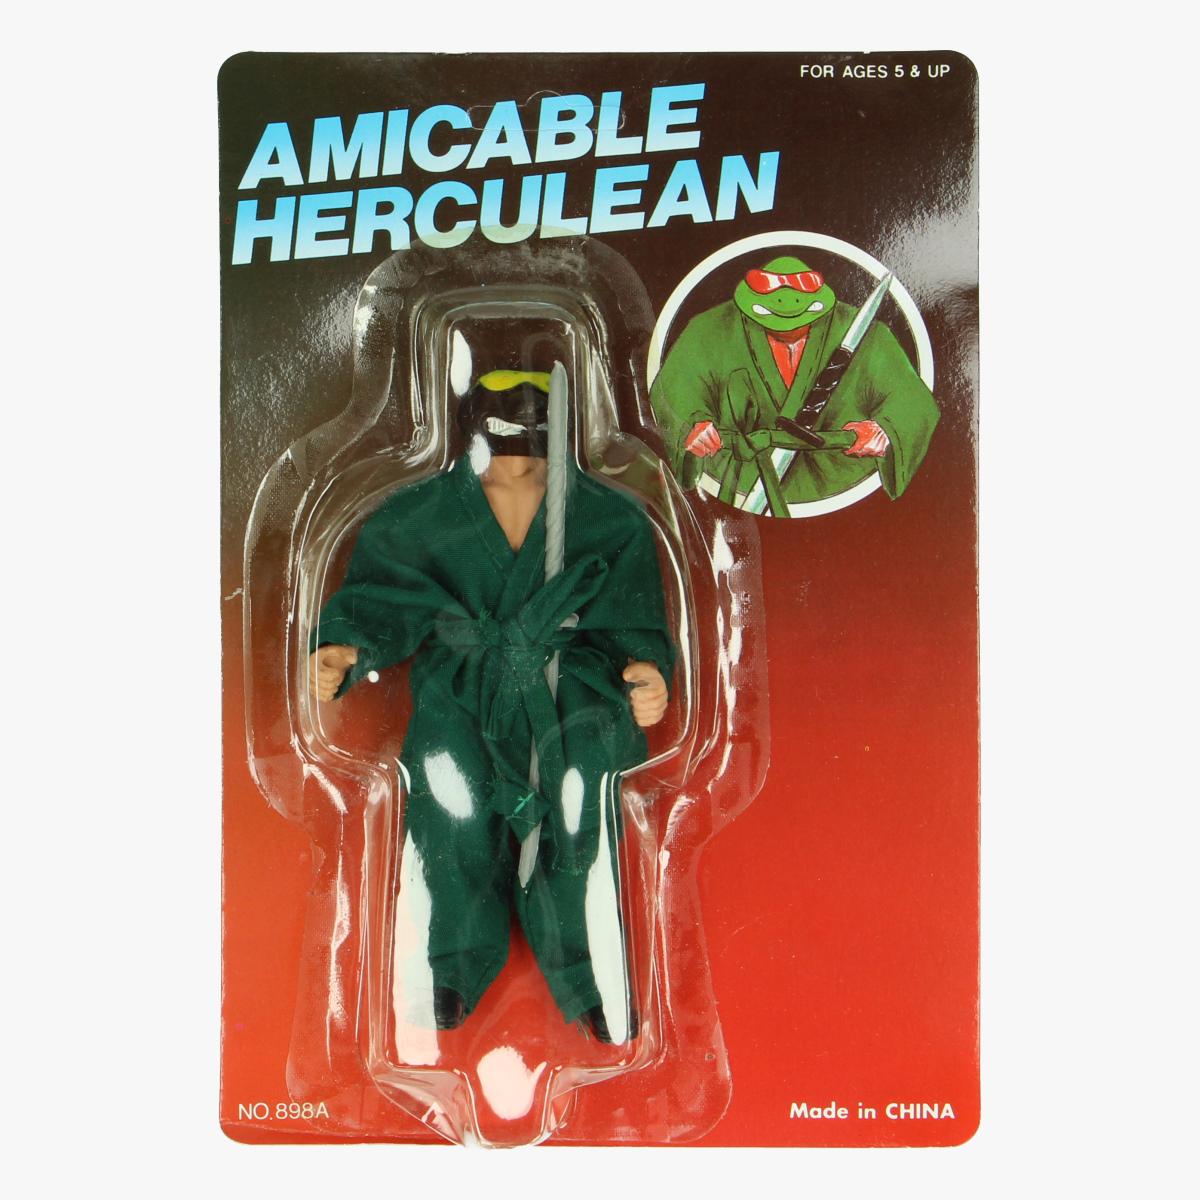 Afbeeldingen van Amicable Herculean